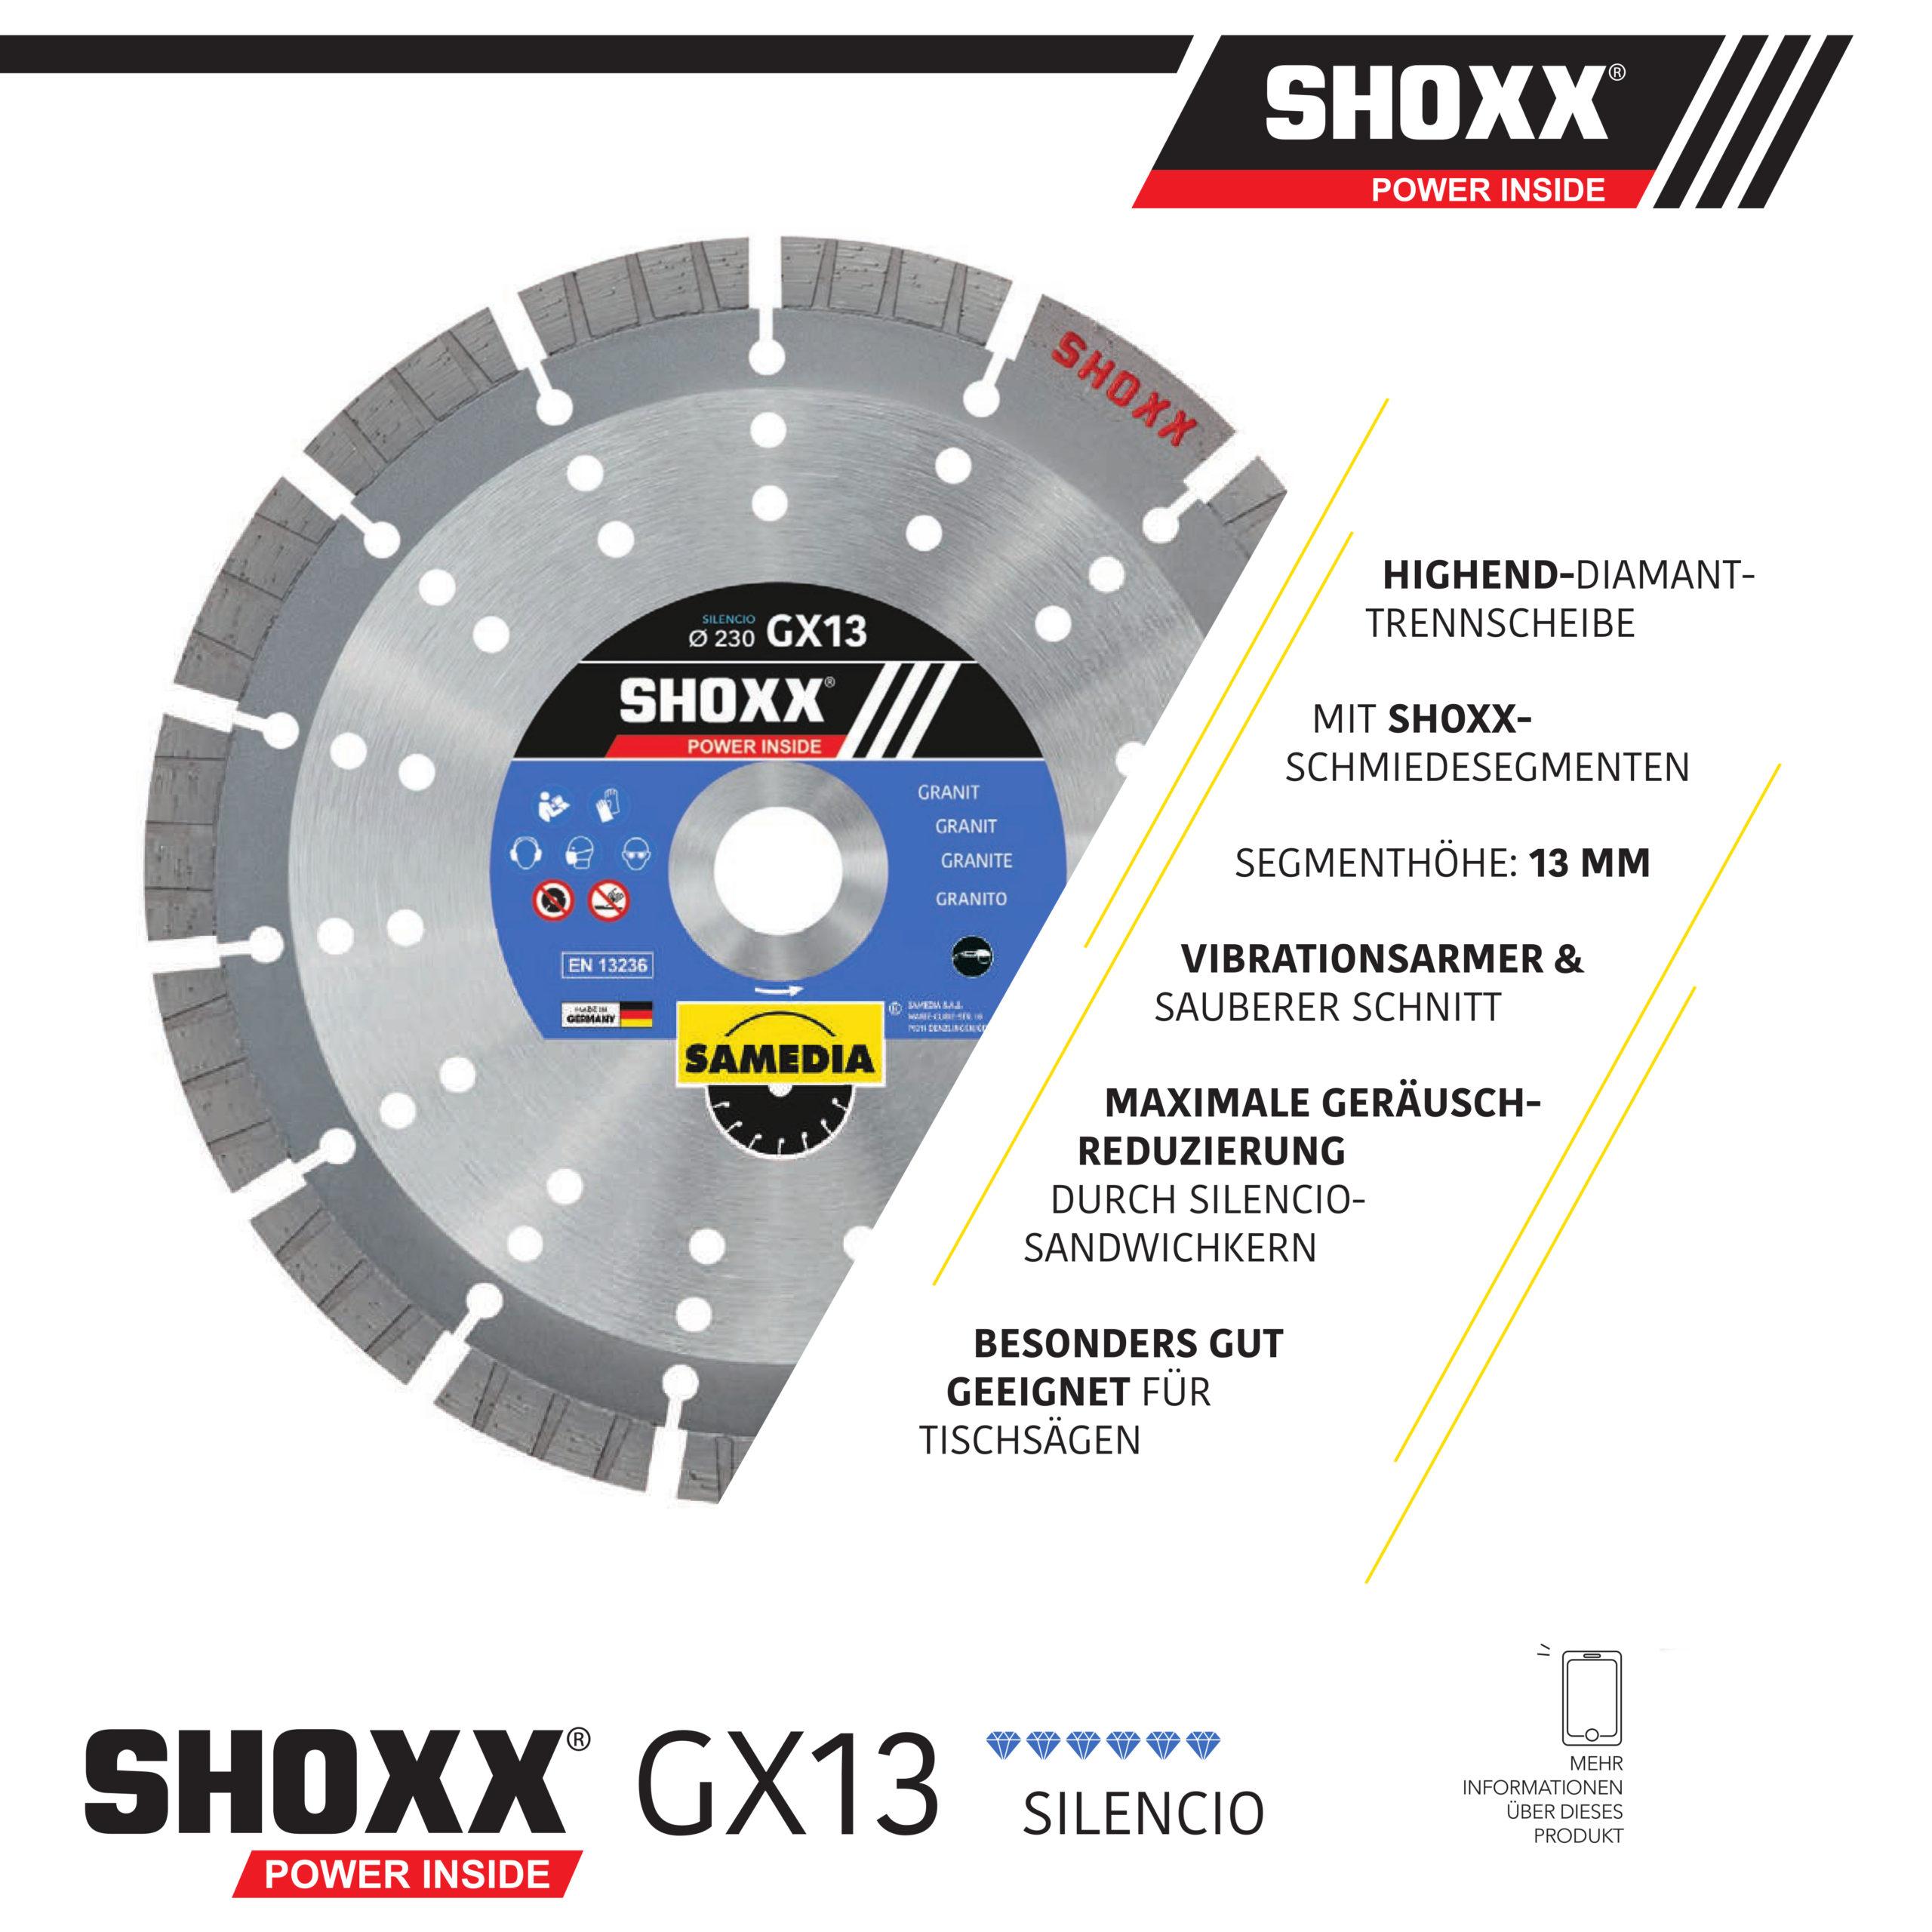 Samedia Diamanttrennscheibe SHOXX GX13 ideal für Granit und Betonerzeugnisse für Nass- und Trockenschnitt!